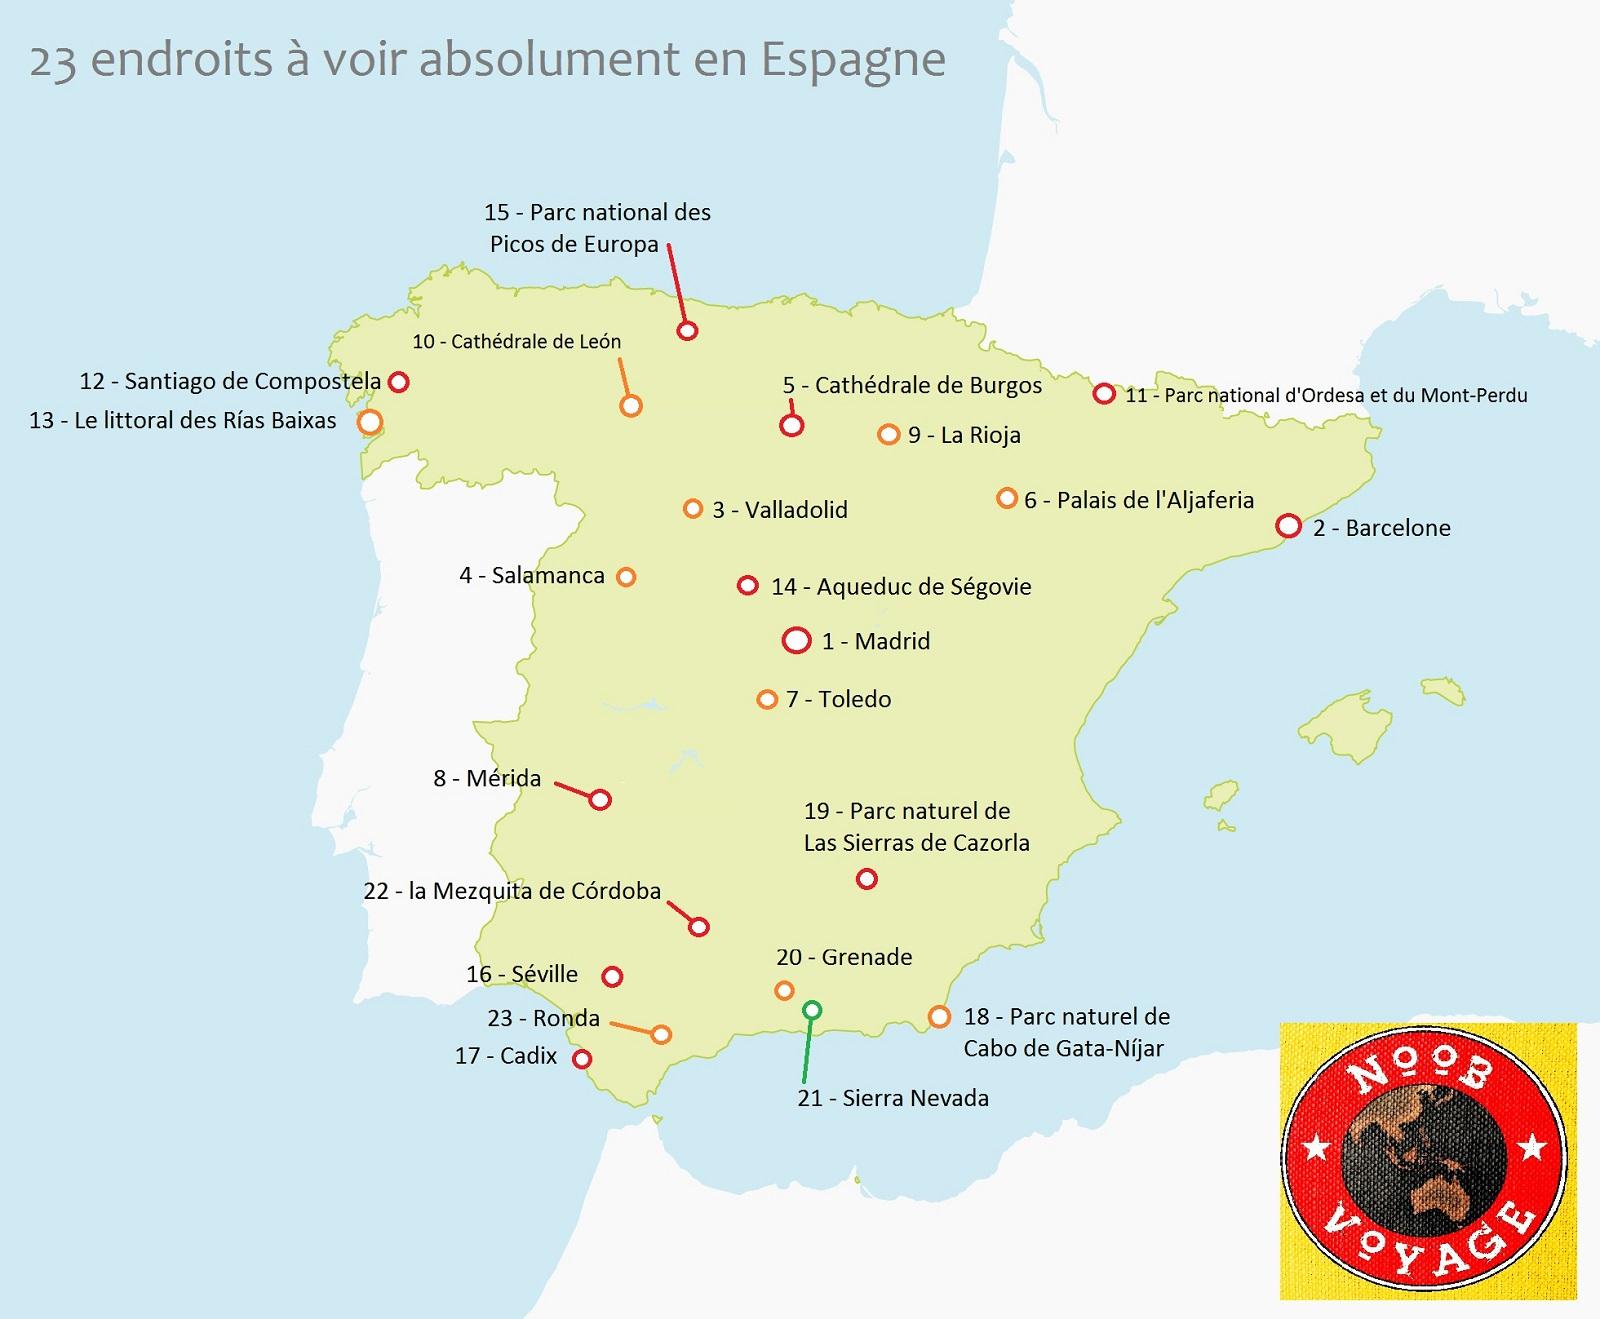 carte de l'espagne détaillée